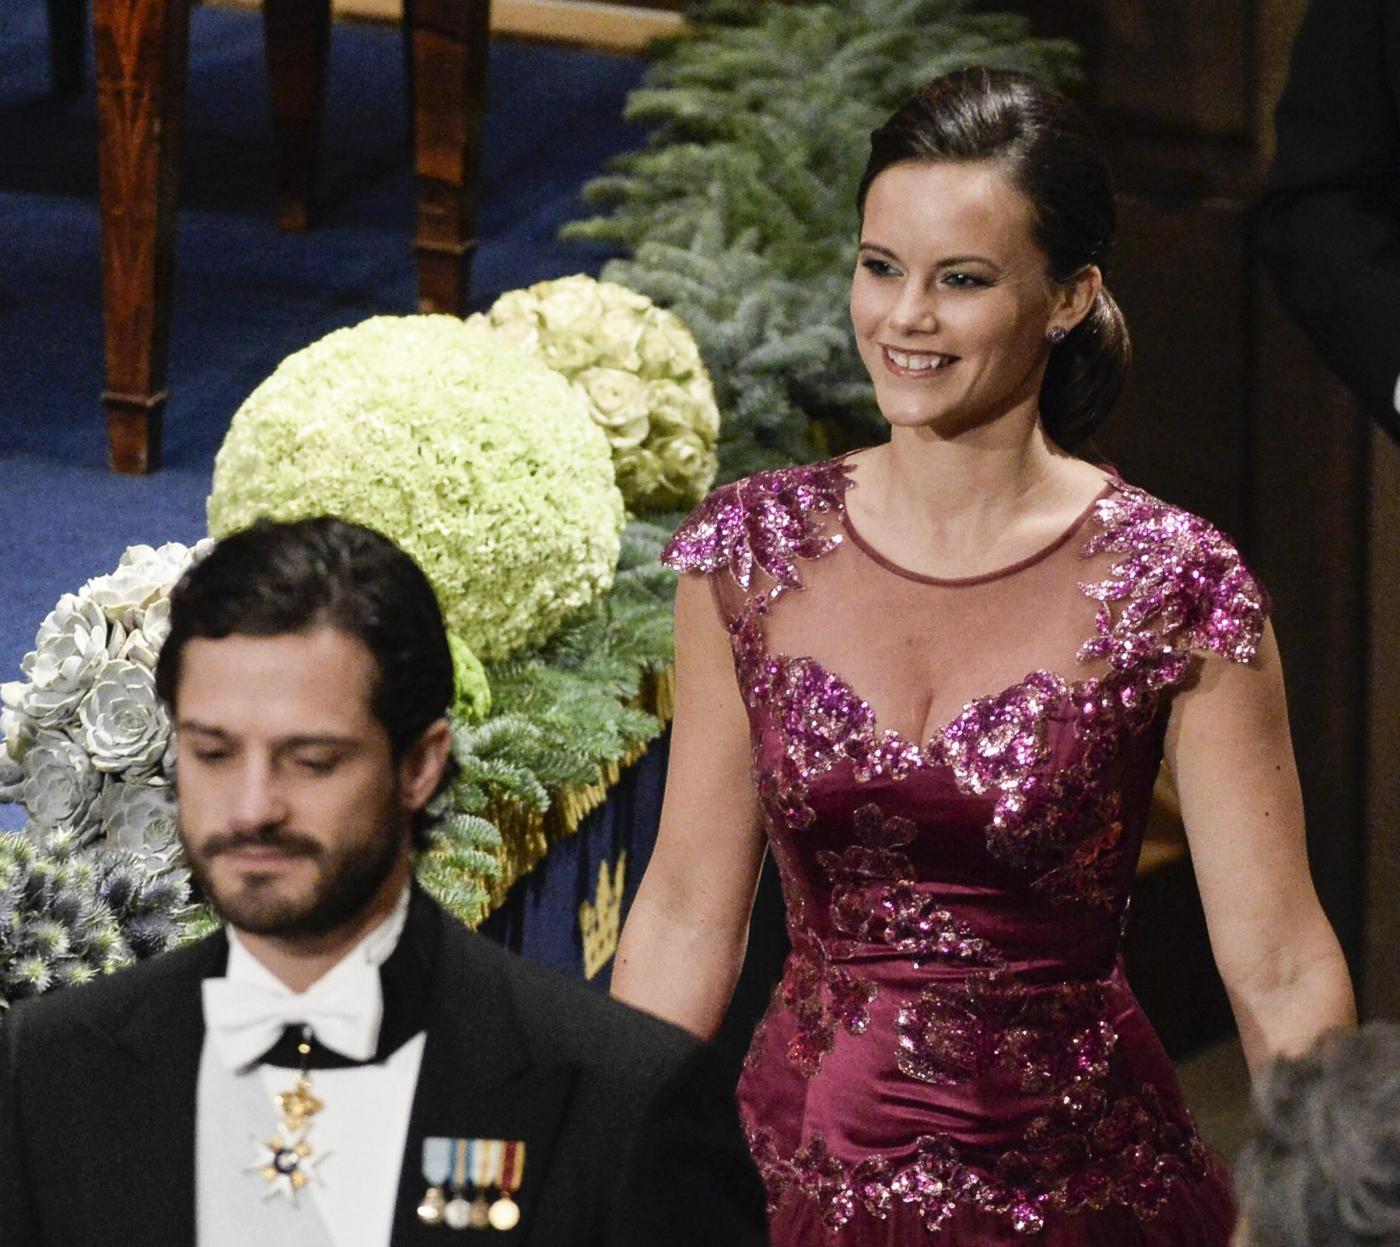 Sofia Hellqvist: chi è la donna che sposa Carlo Filippo di Svezia FOTO 5